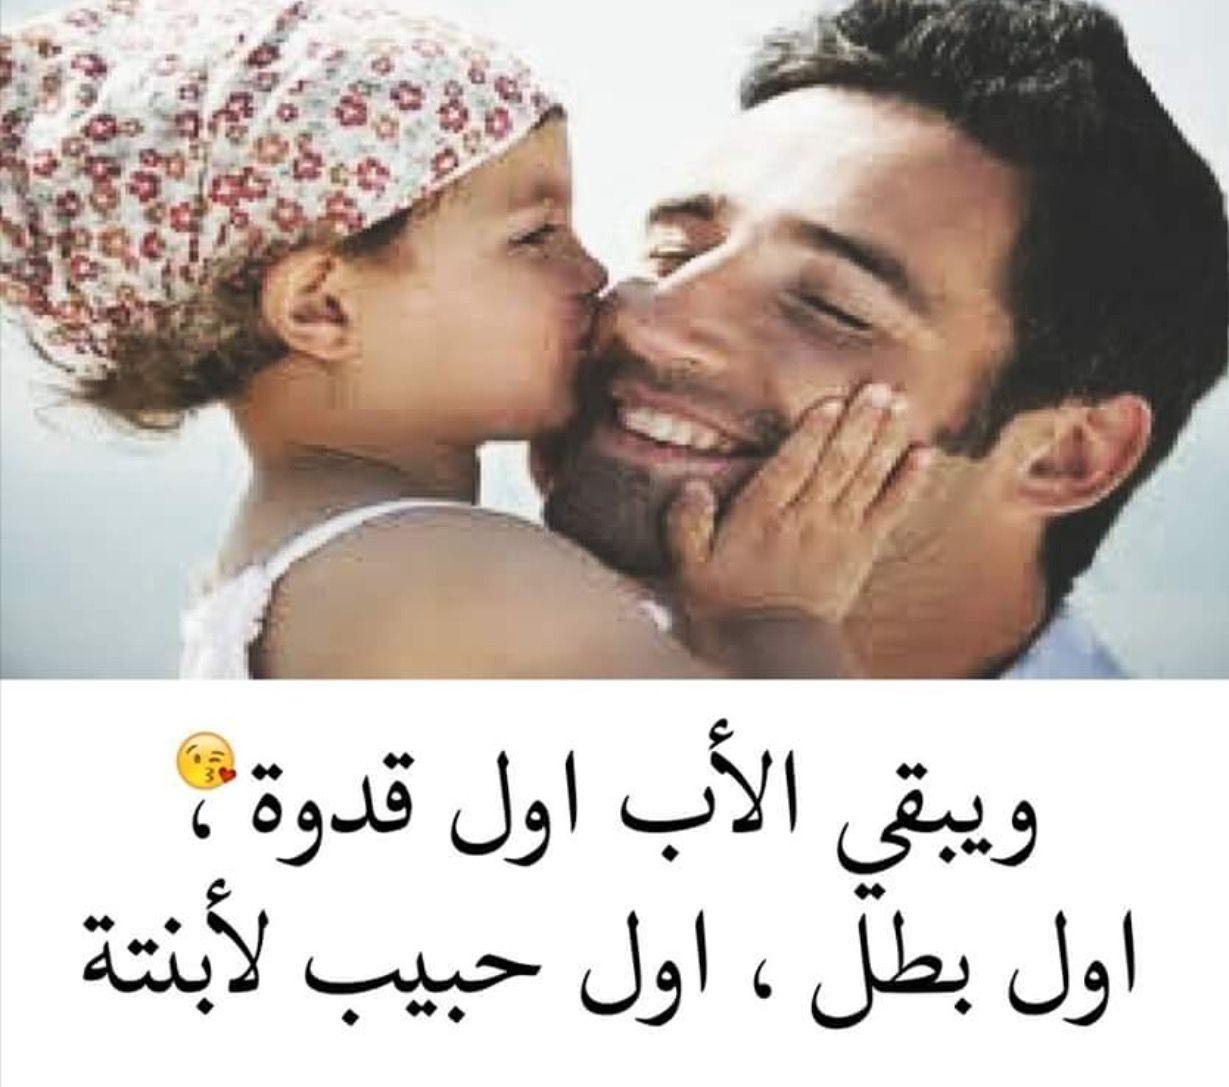 صورة حكم عن الاب , اجمل الرمزيات عن الاب